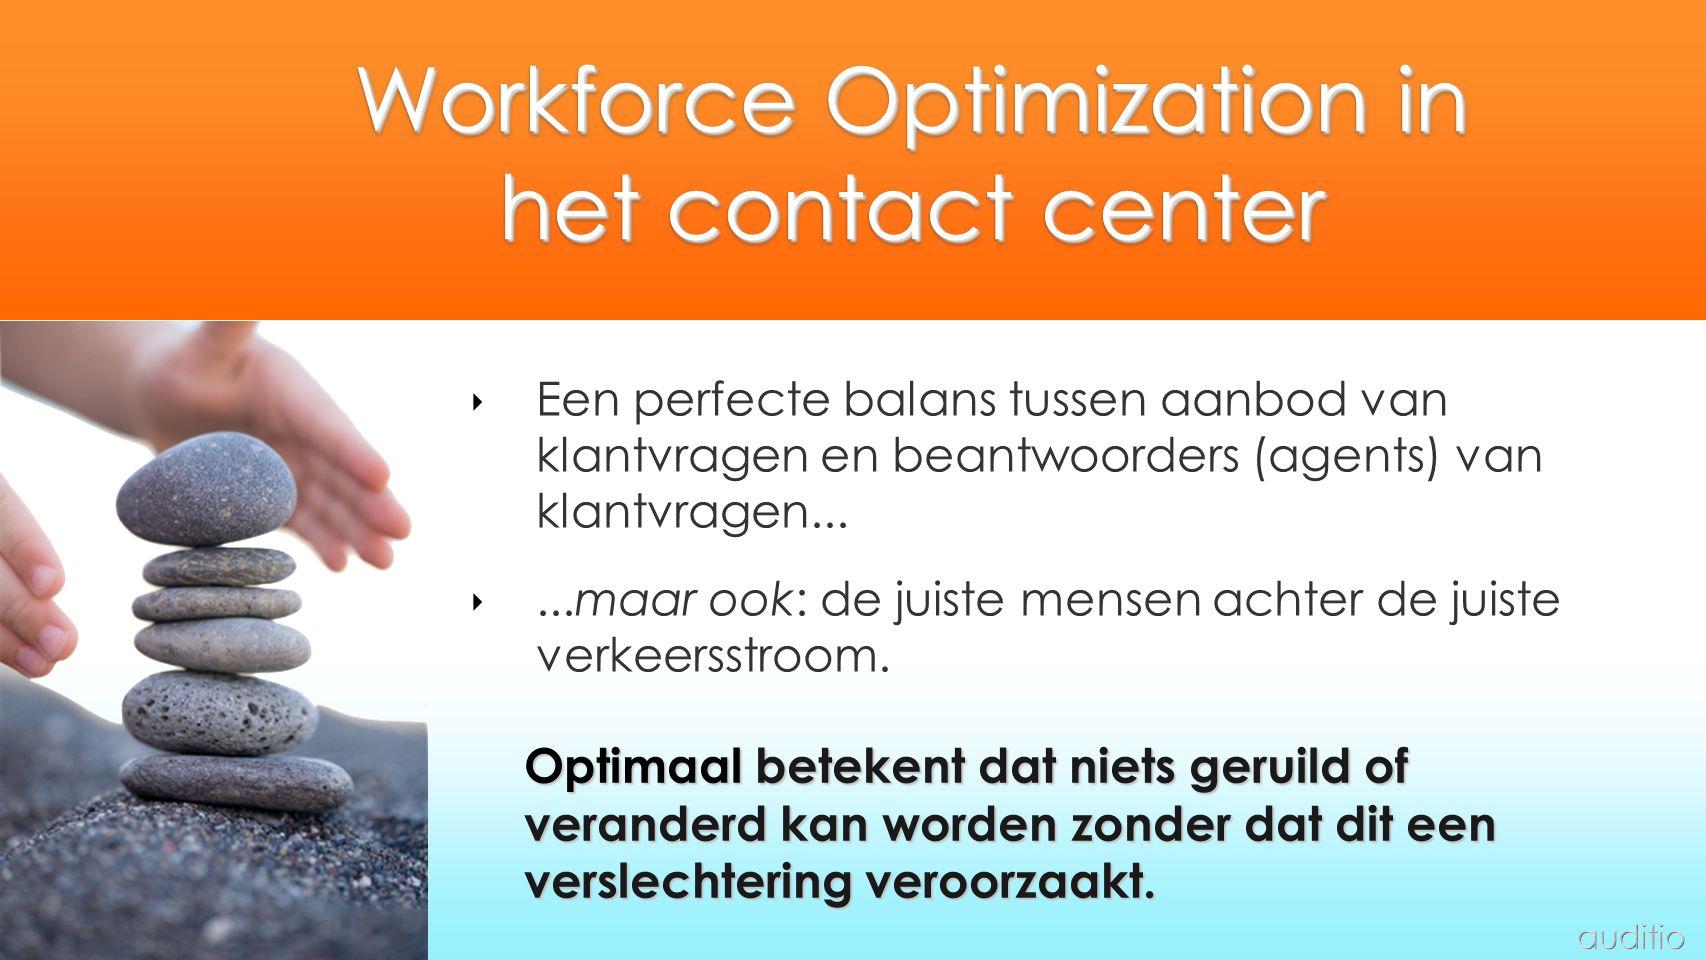 Workforce Optimization in het contact center